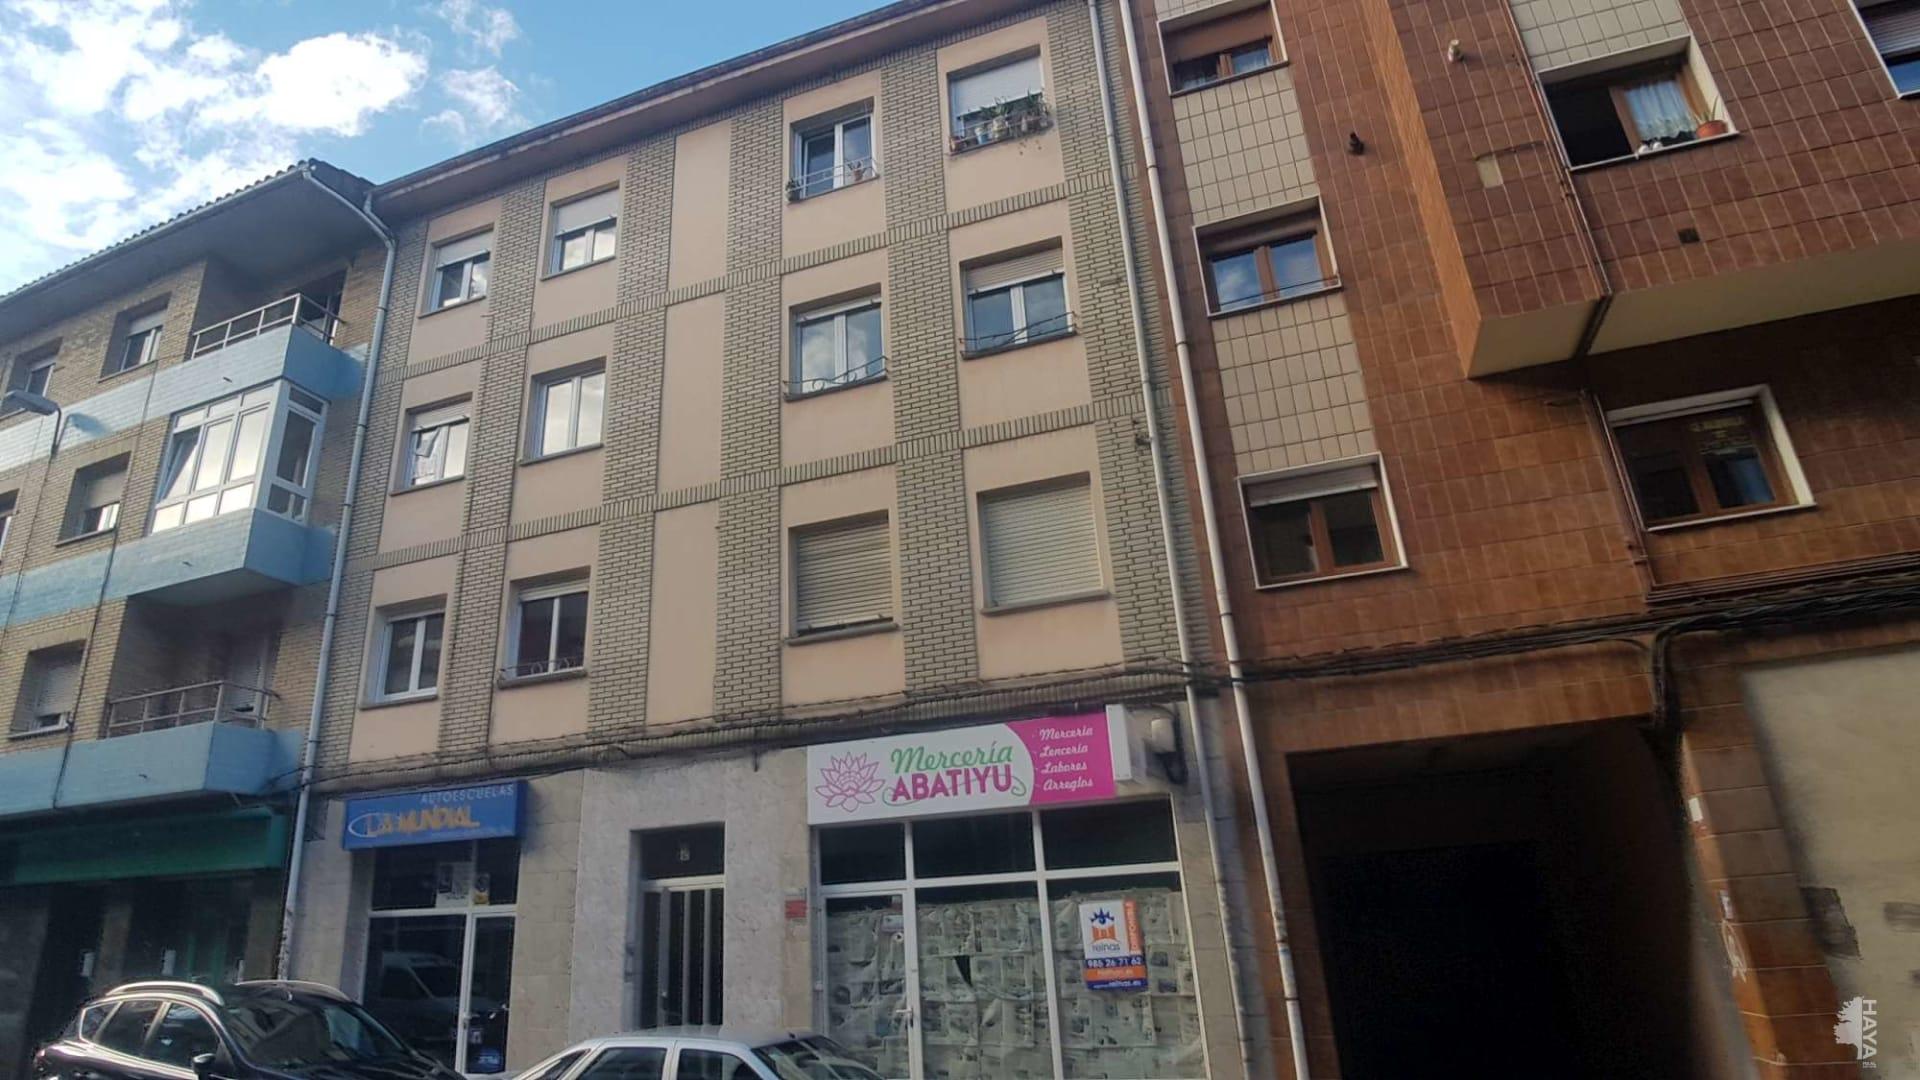 Piso en venta en Lugo de Llanera, Llanera, Asturias, Calle Doctor Fleming, 62.461 €, 2 habitaciones, 1 baño, 77 m2